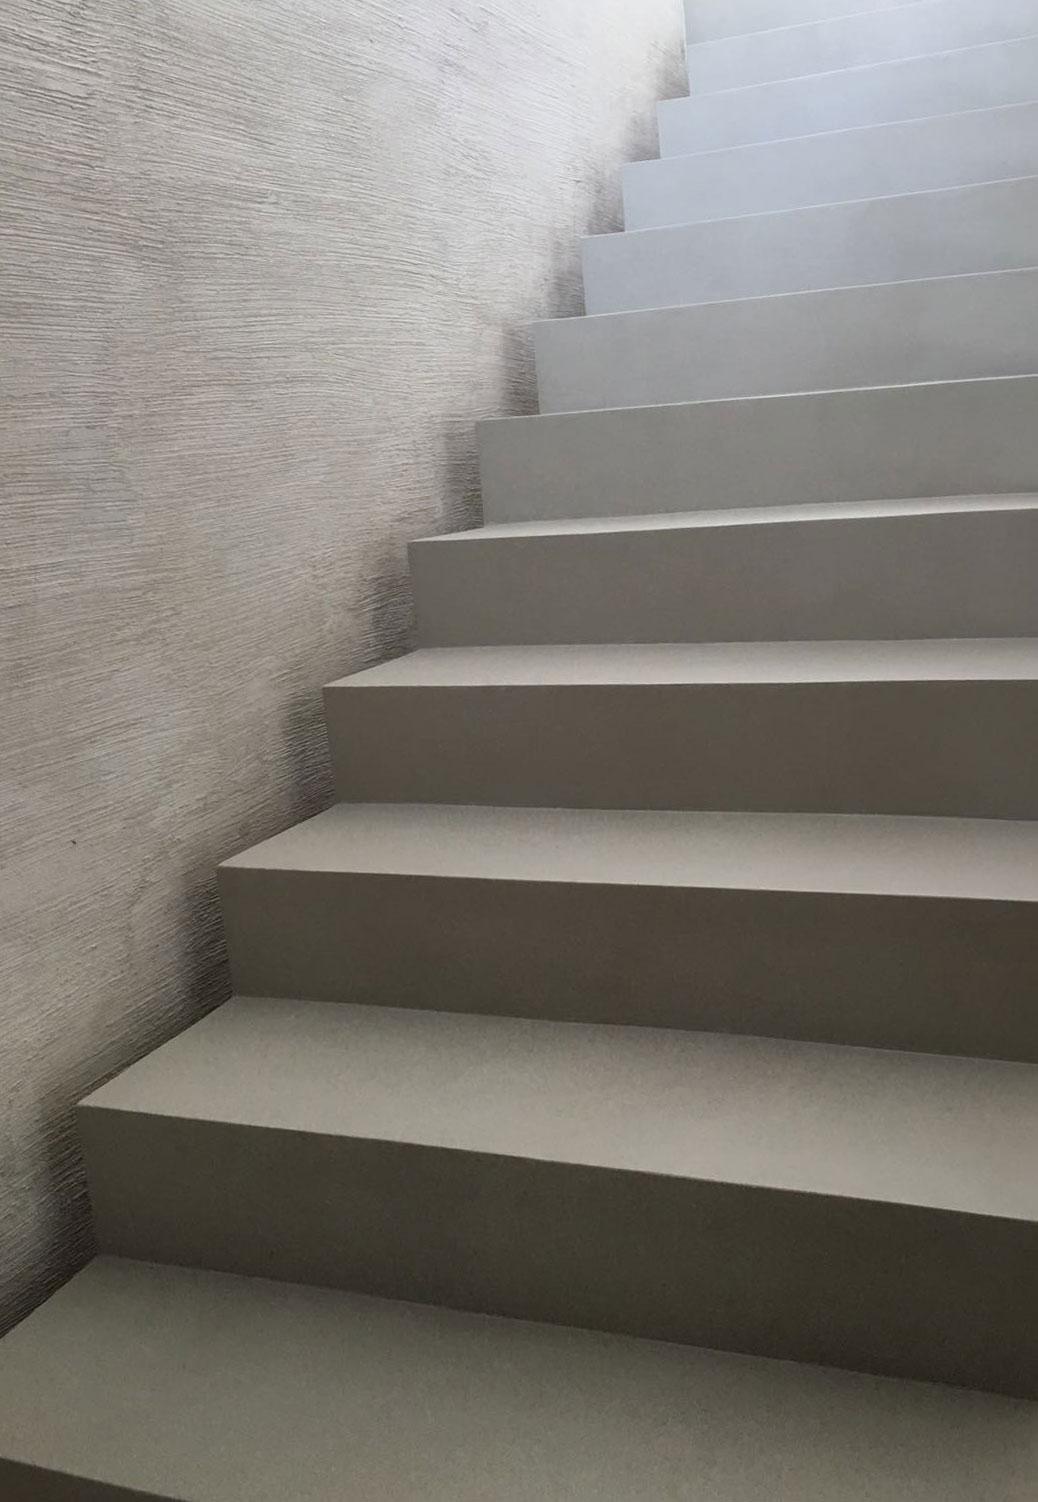 Resina spatolato pavimenti in stile industriale errelab - Scale a sbalzo in cemento ...